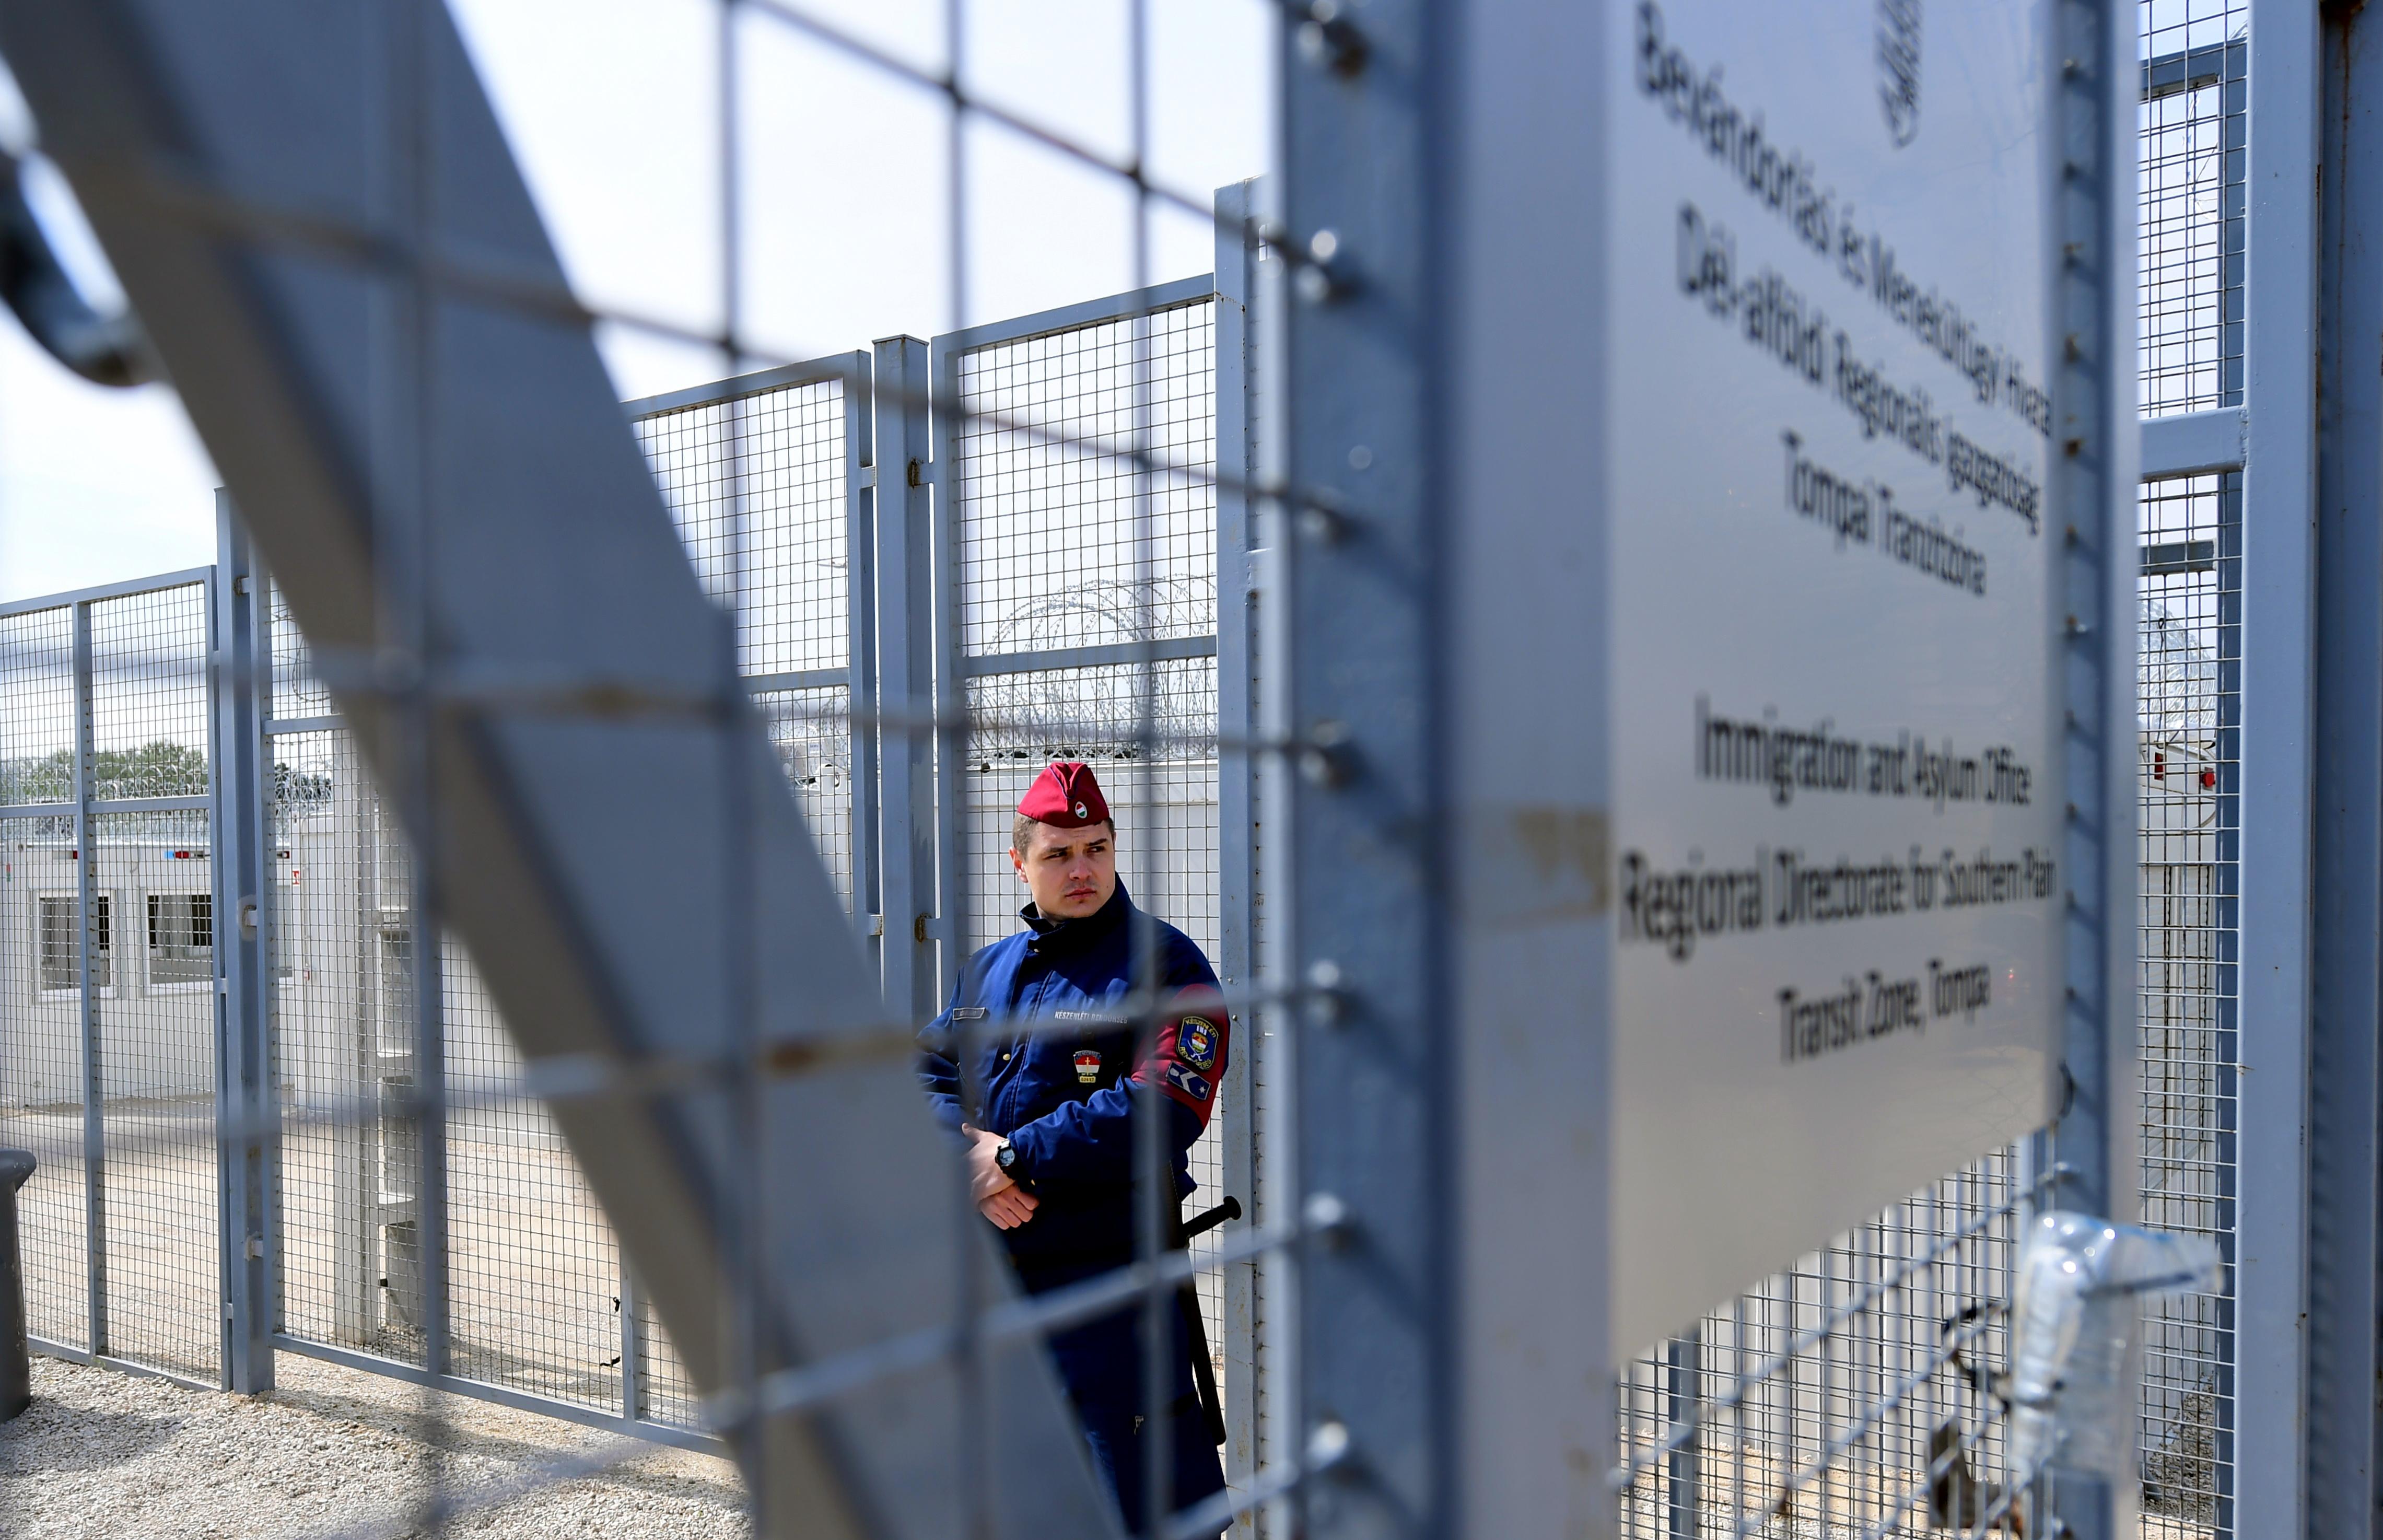 Európai Bíróság: Jogellenesen tartják fogva a menedékkérőket a tranzitzónákban